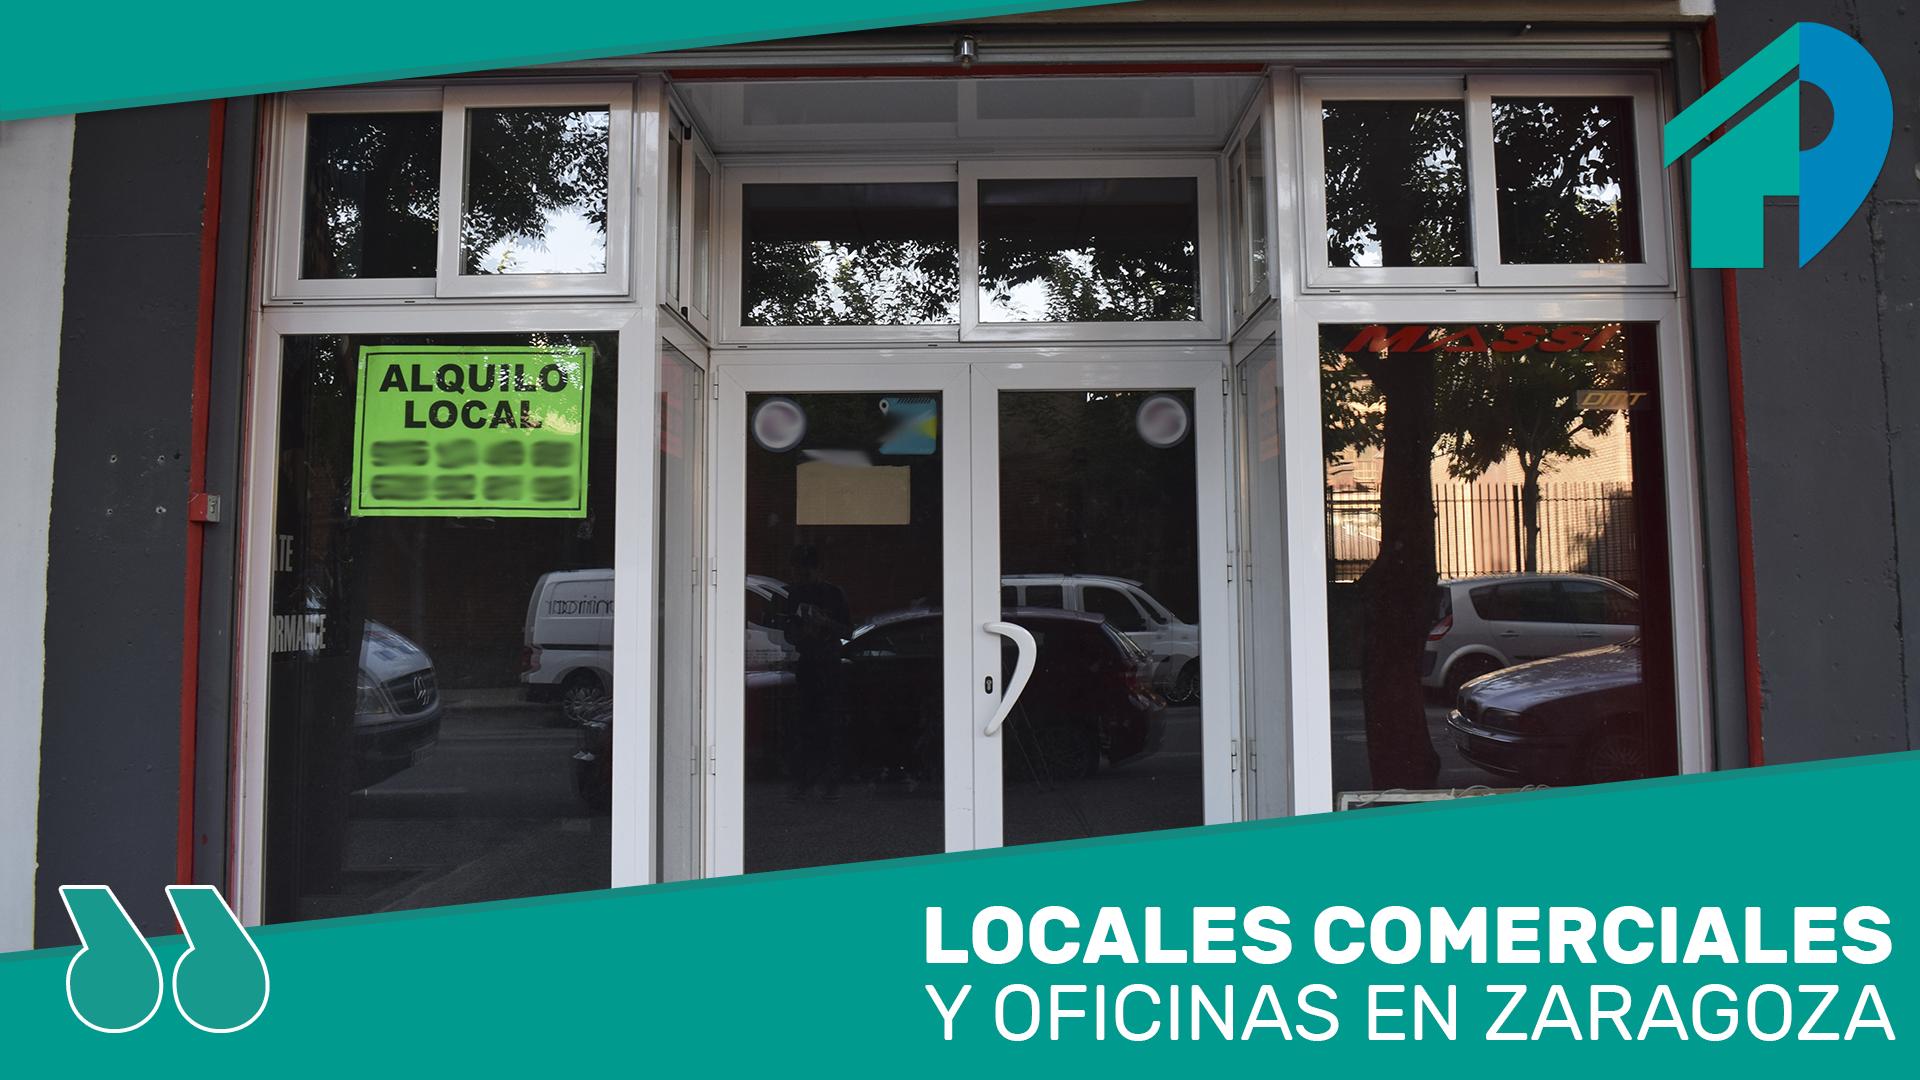 Alquiler local comercial y oficinas en locales zaragoza for Alquiler oficinas zaragoza